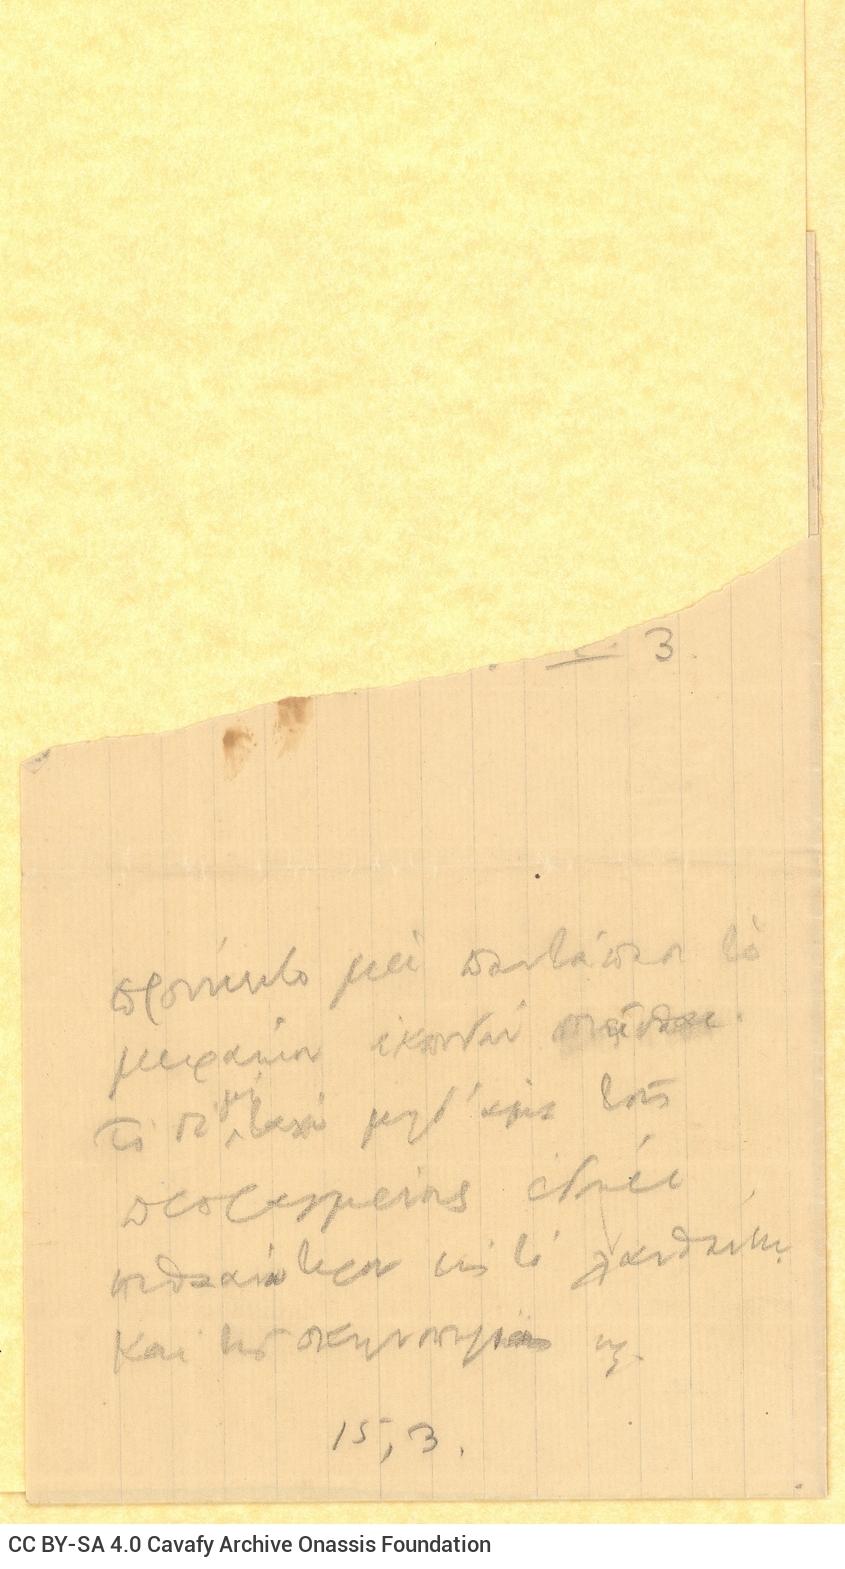 Χειρόγραφο του ποιήματος «Αριστόβουλος» στις δύο πρώτες σελίδες δ